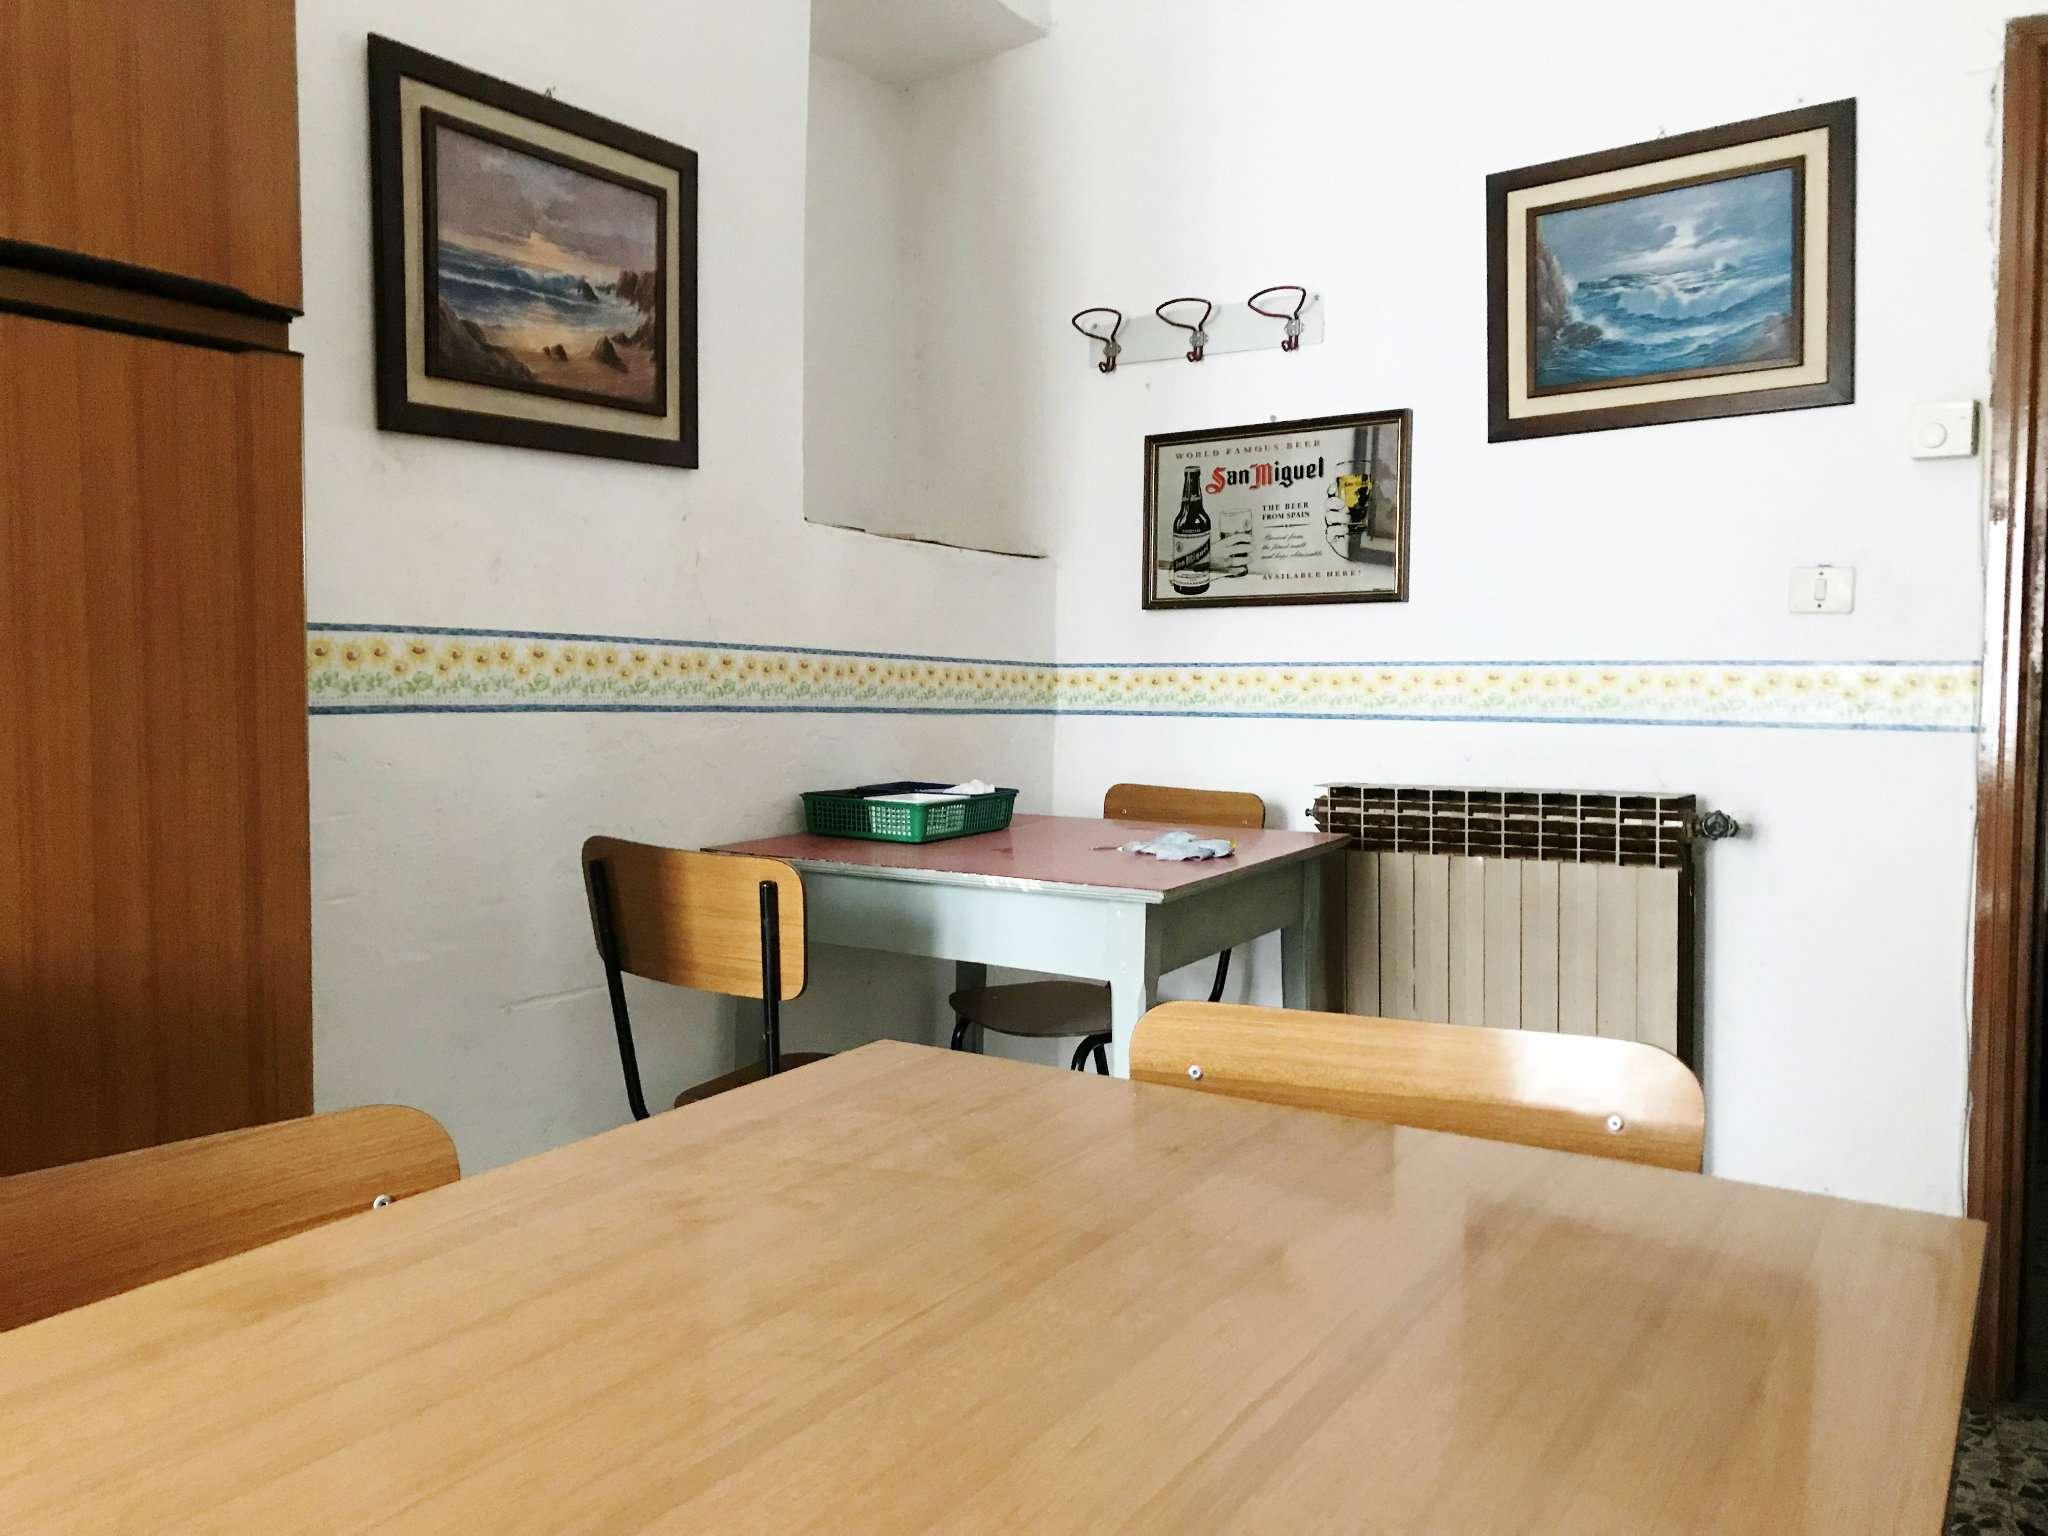 Appartamento in vendita a Cerveno, 4 locali, prezzo € 45.000 | CambioCasa.it